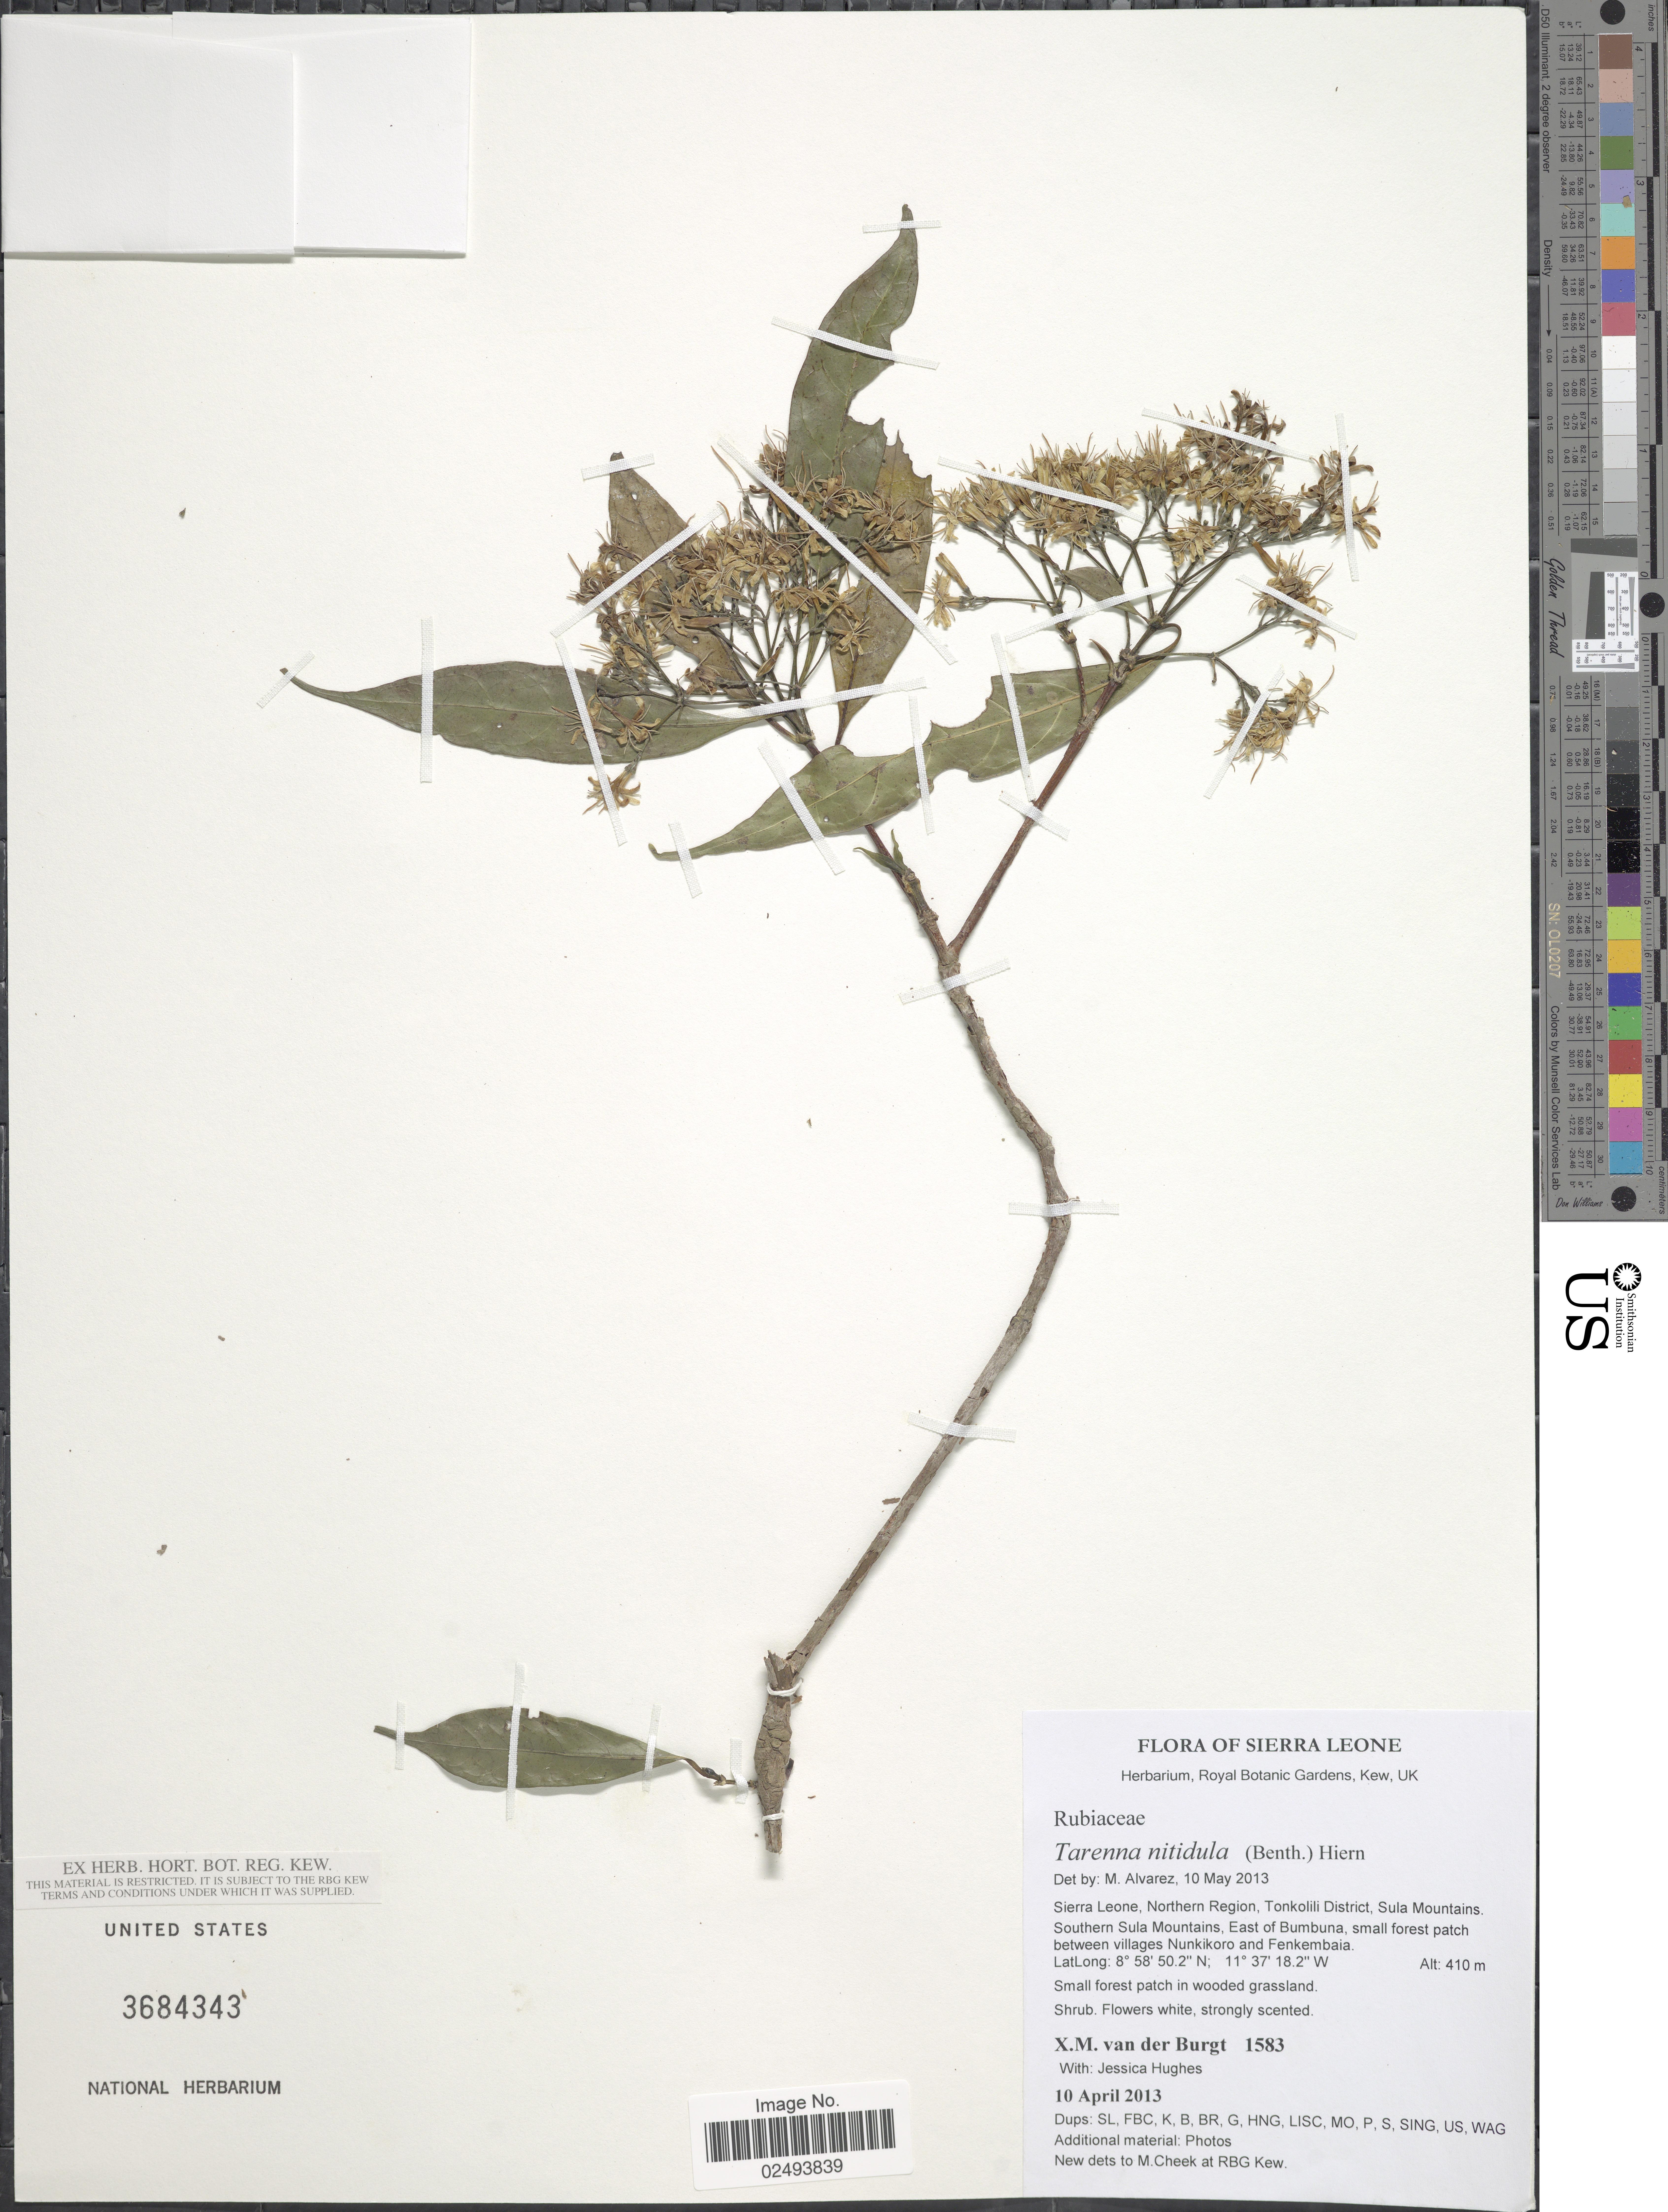 Image of <i>Tarenna nitidula</i> (Benth.) Hiern